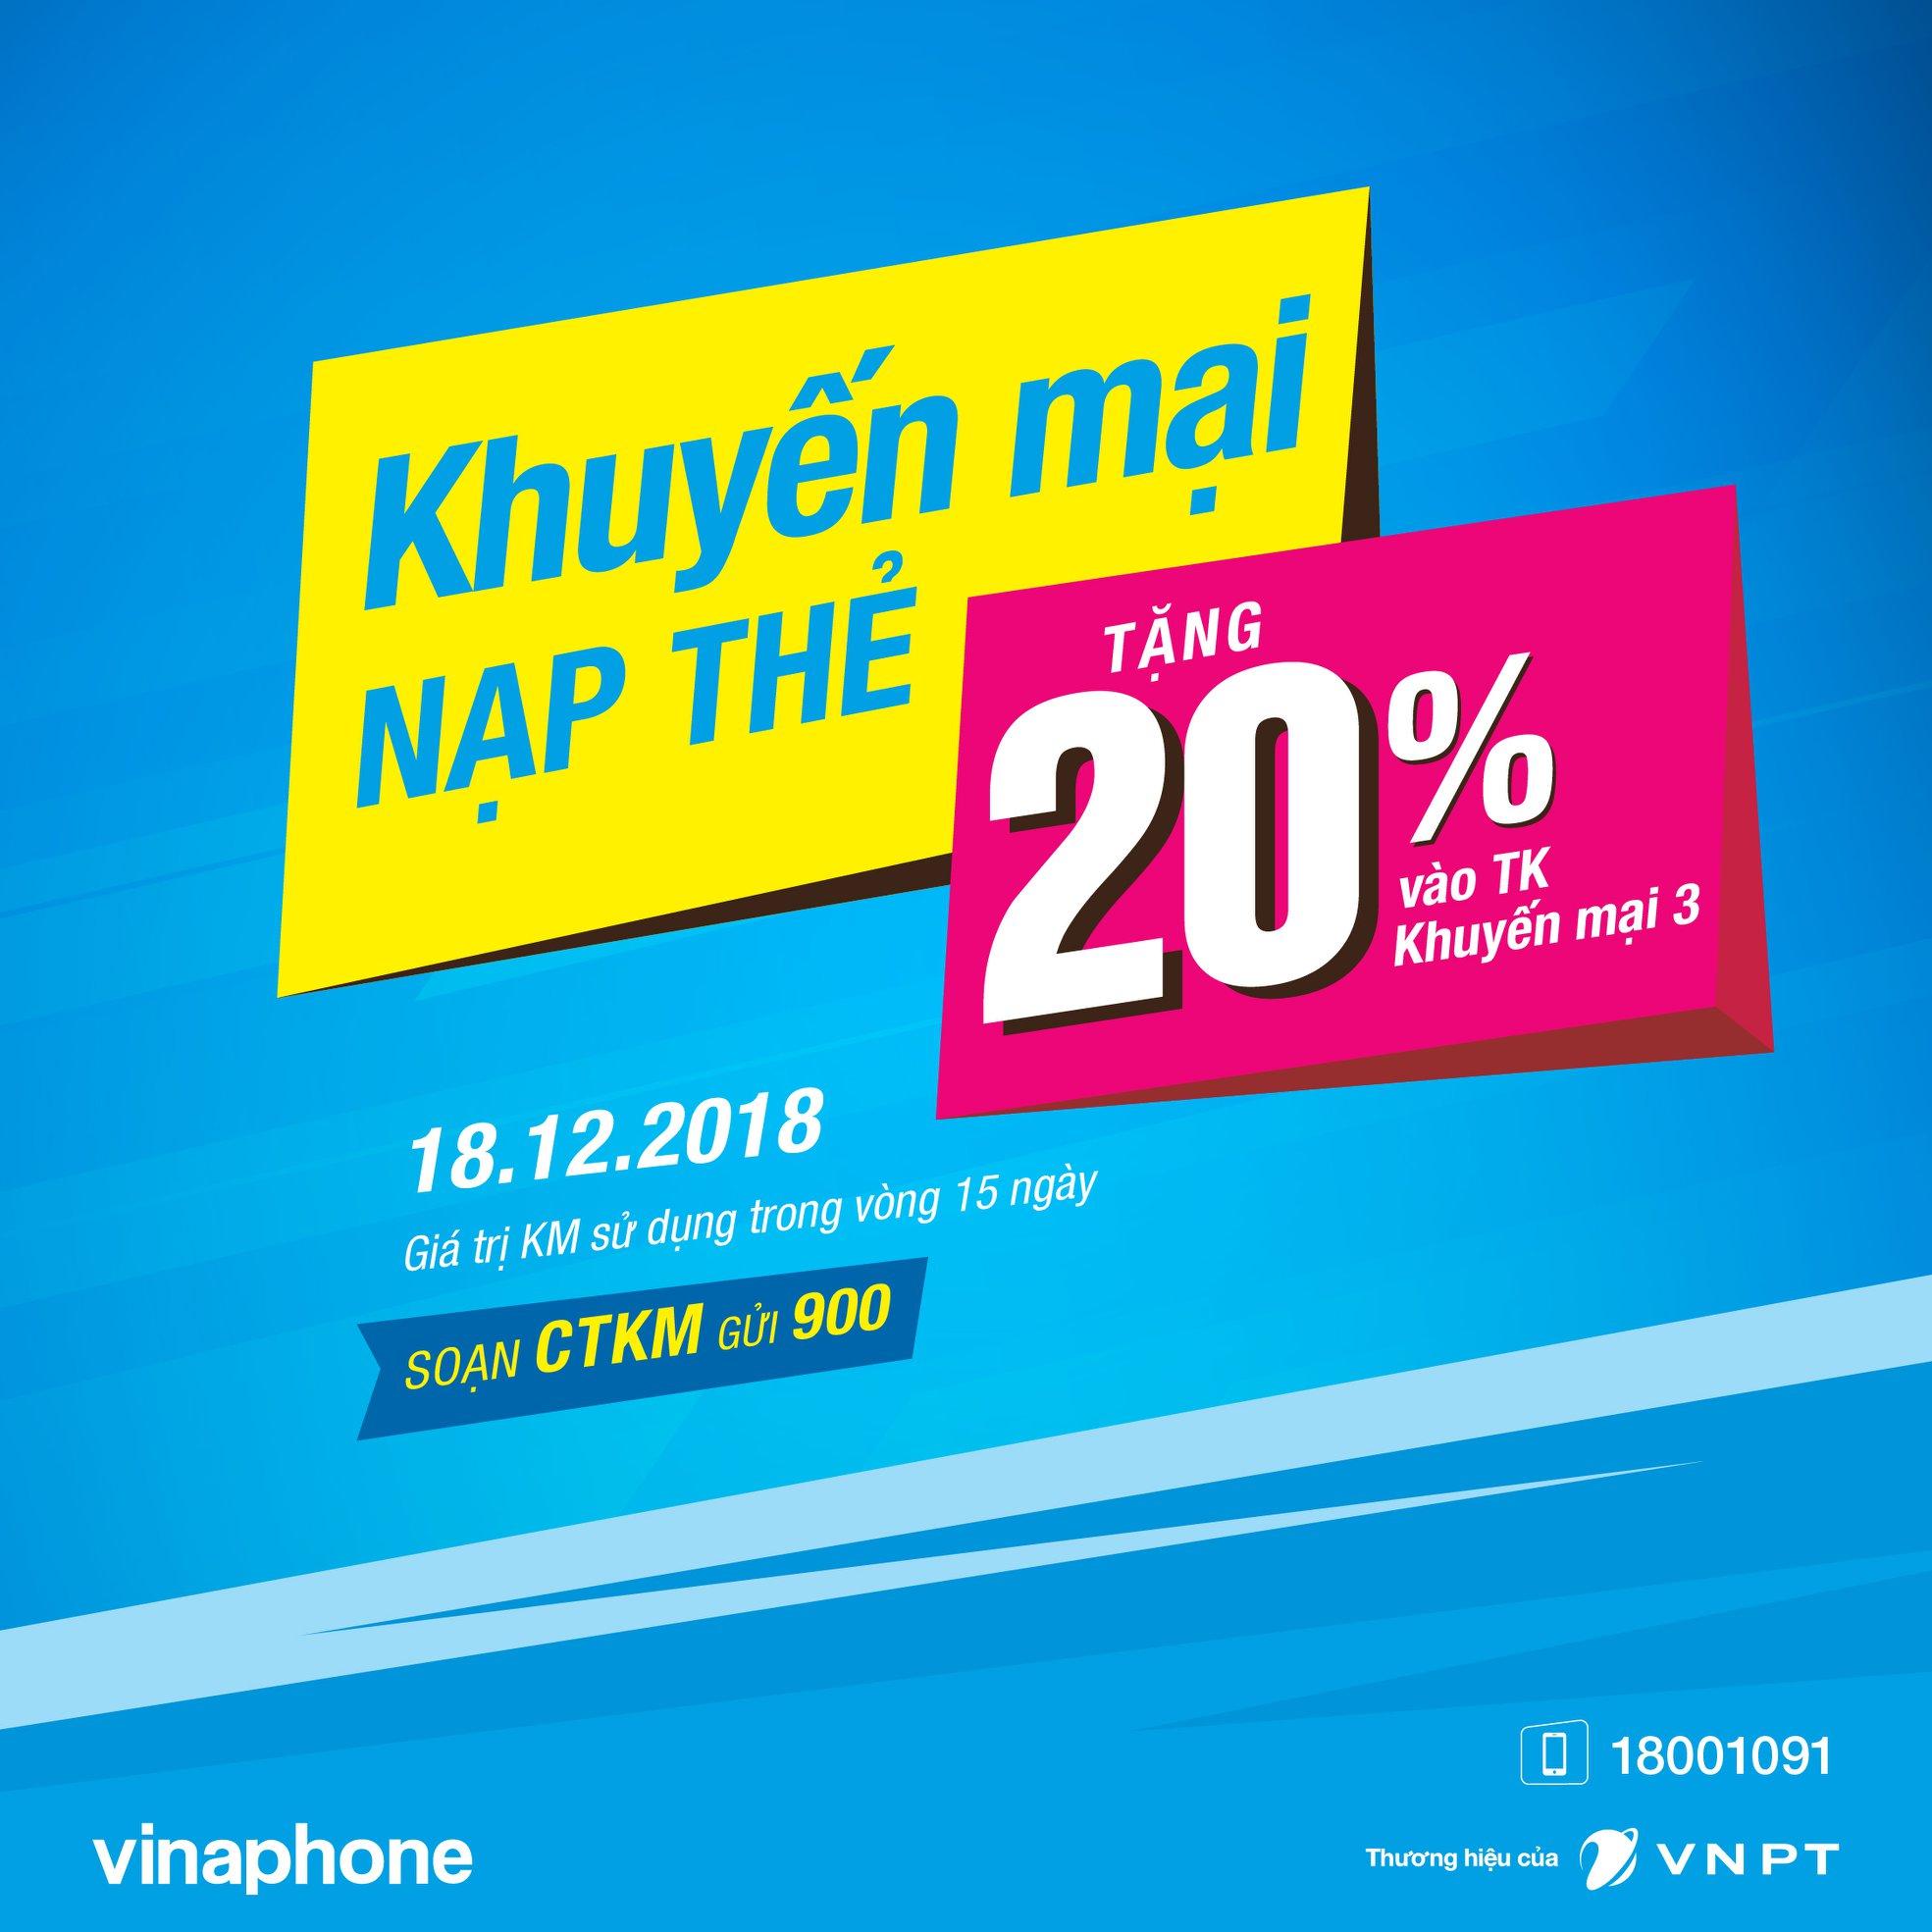 Vinaphone khuyến mãi cục bộ 18/12/2018 tặng 20% giá trị thẻ nạp